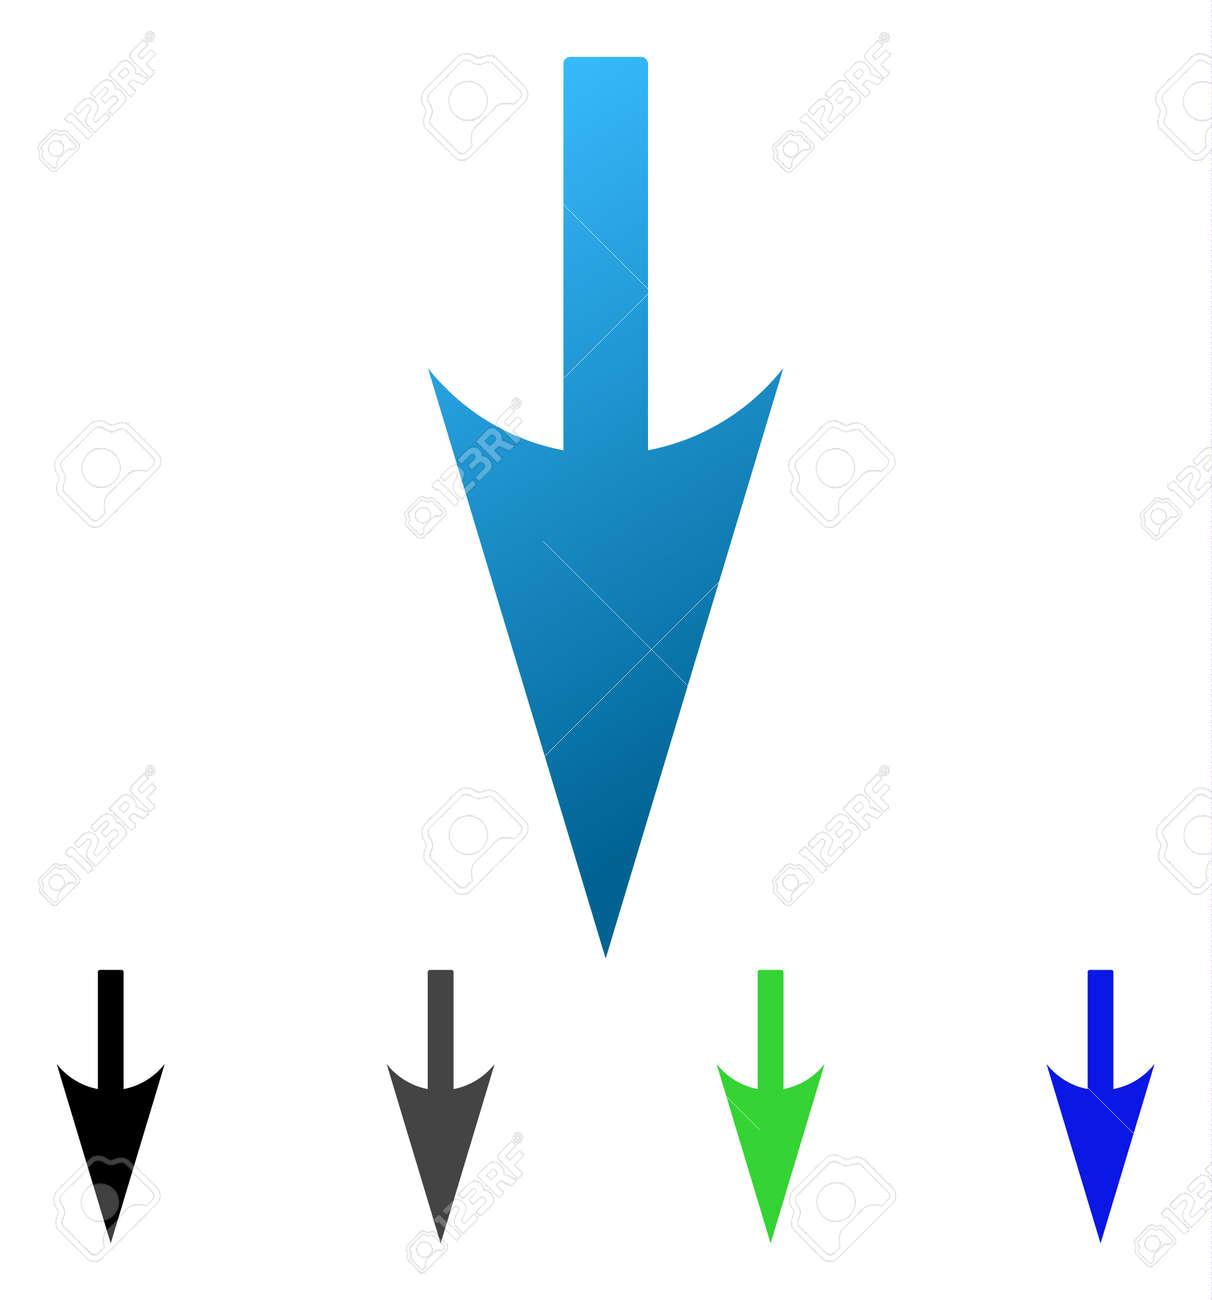 ↓ シャープ フラット ベクトル アイコン。矢印のグラデーション、灰色 ...